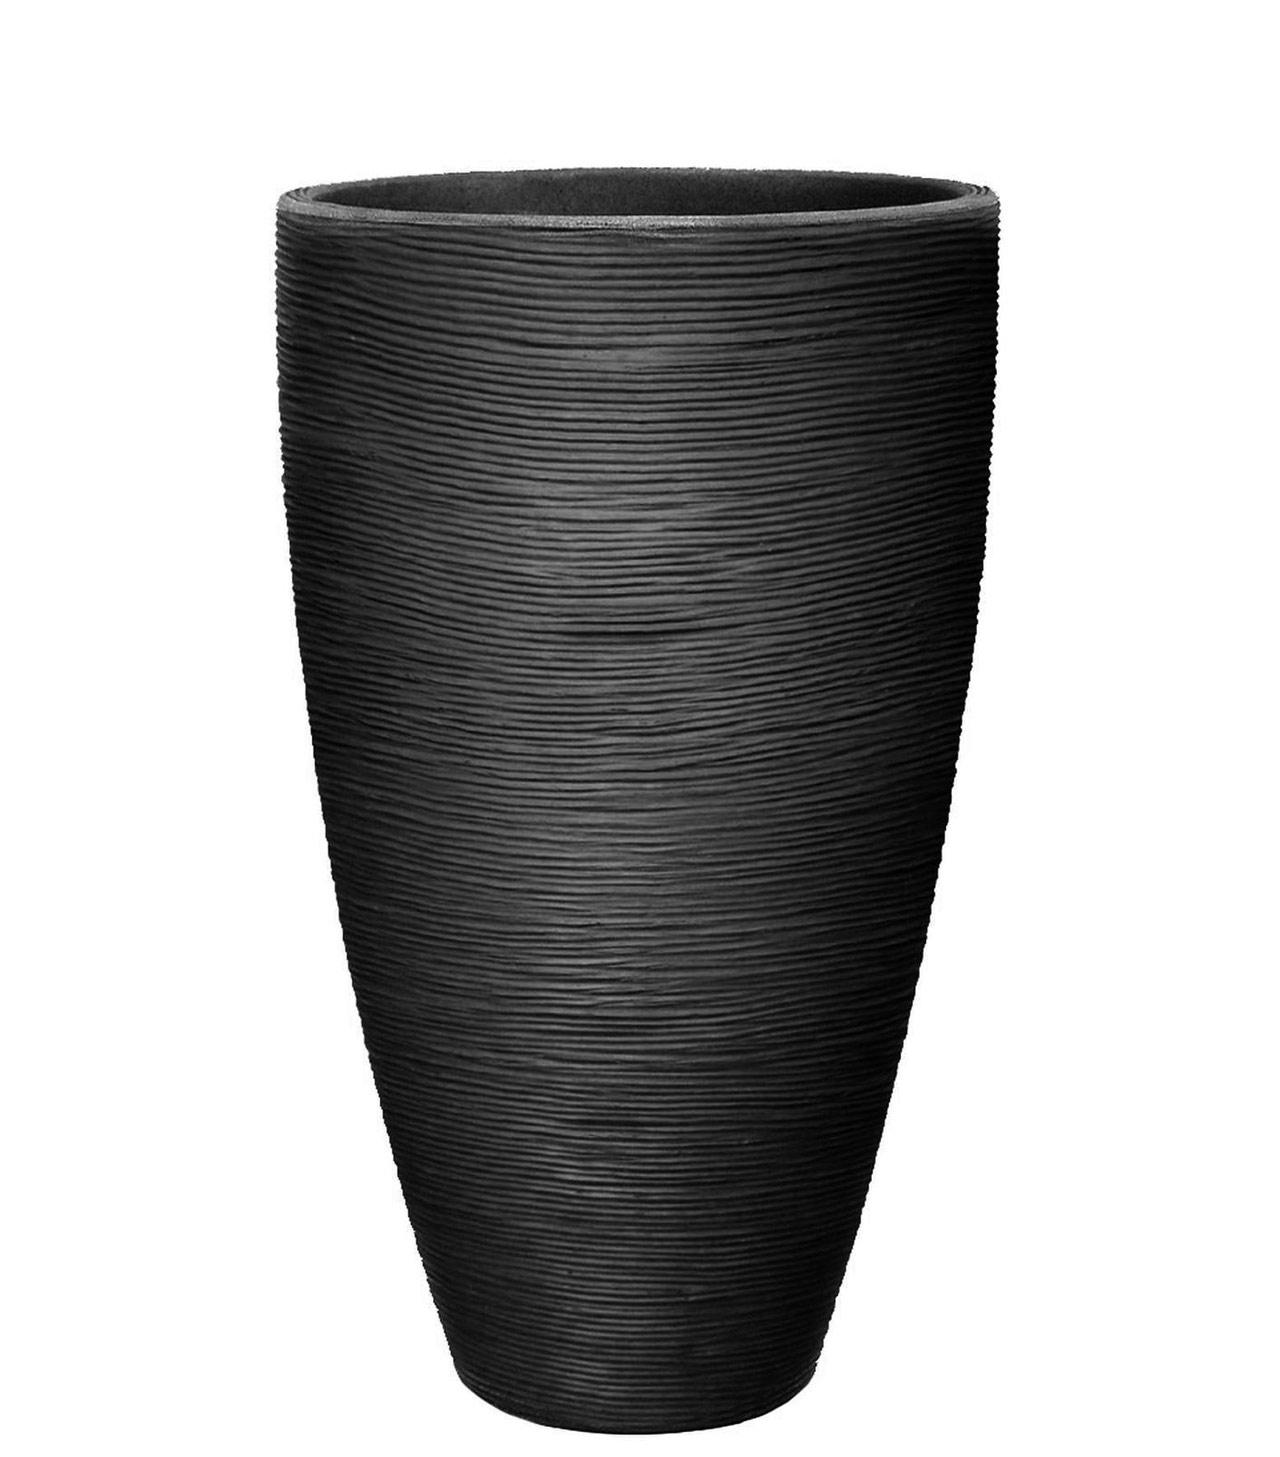 pot de fleurs haut 70 cm gris anthracite grooves